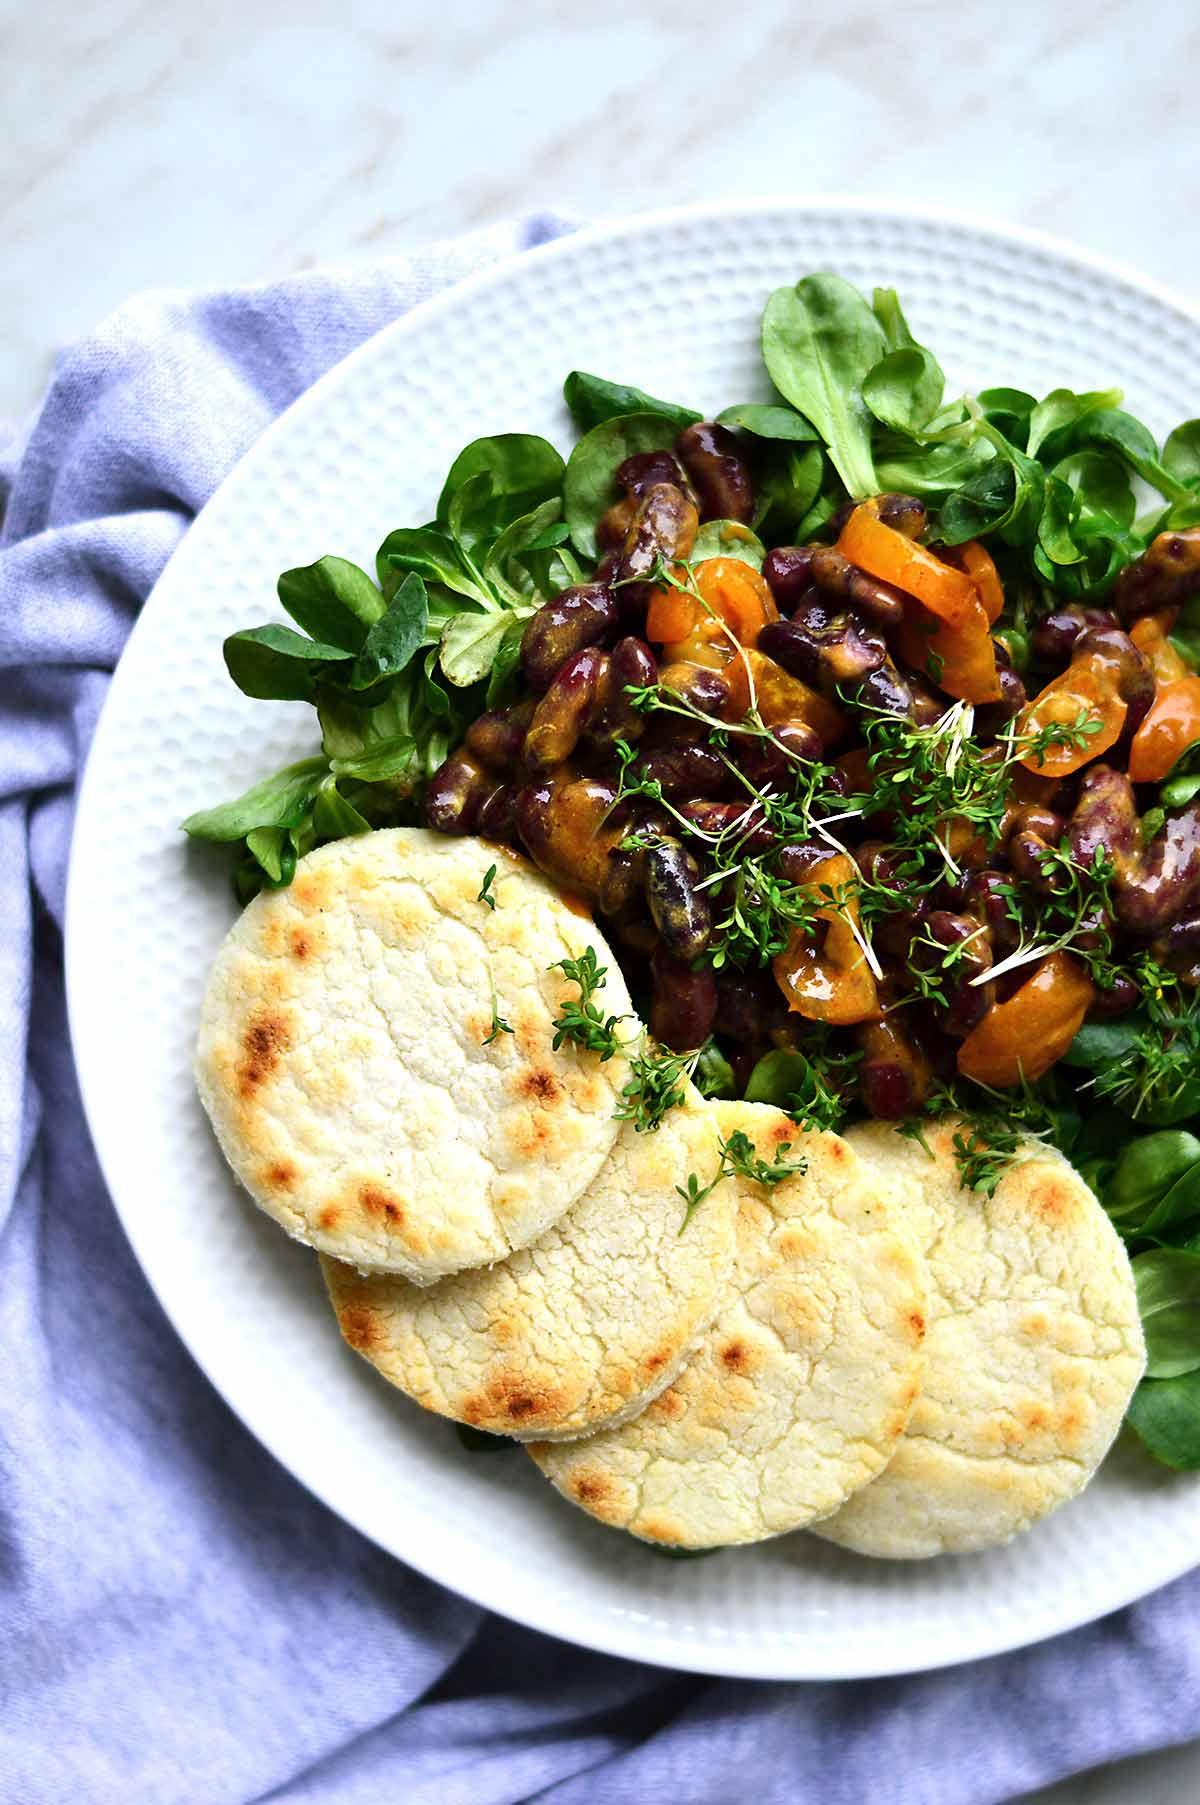 Plato con ensalada de alubias y arepas